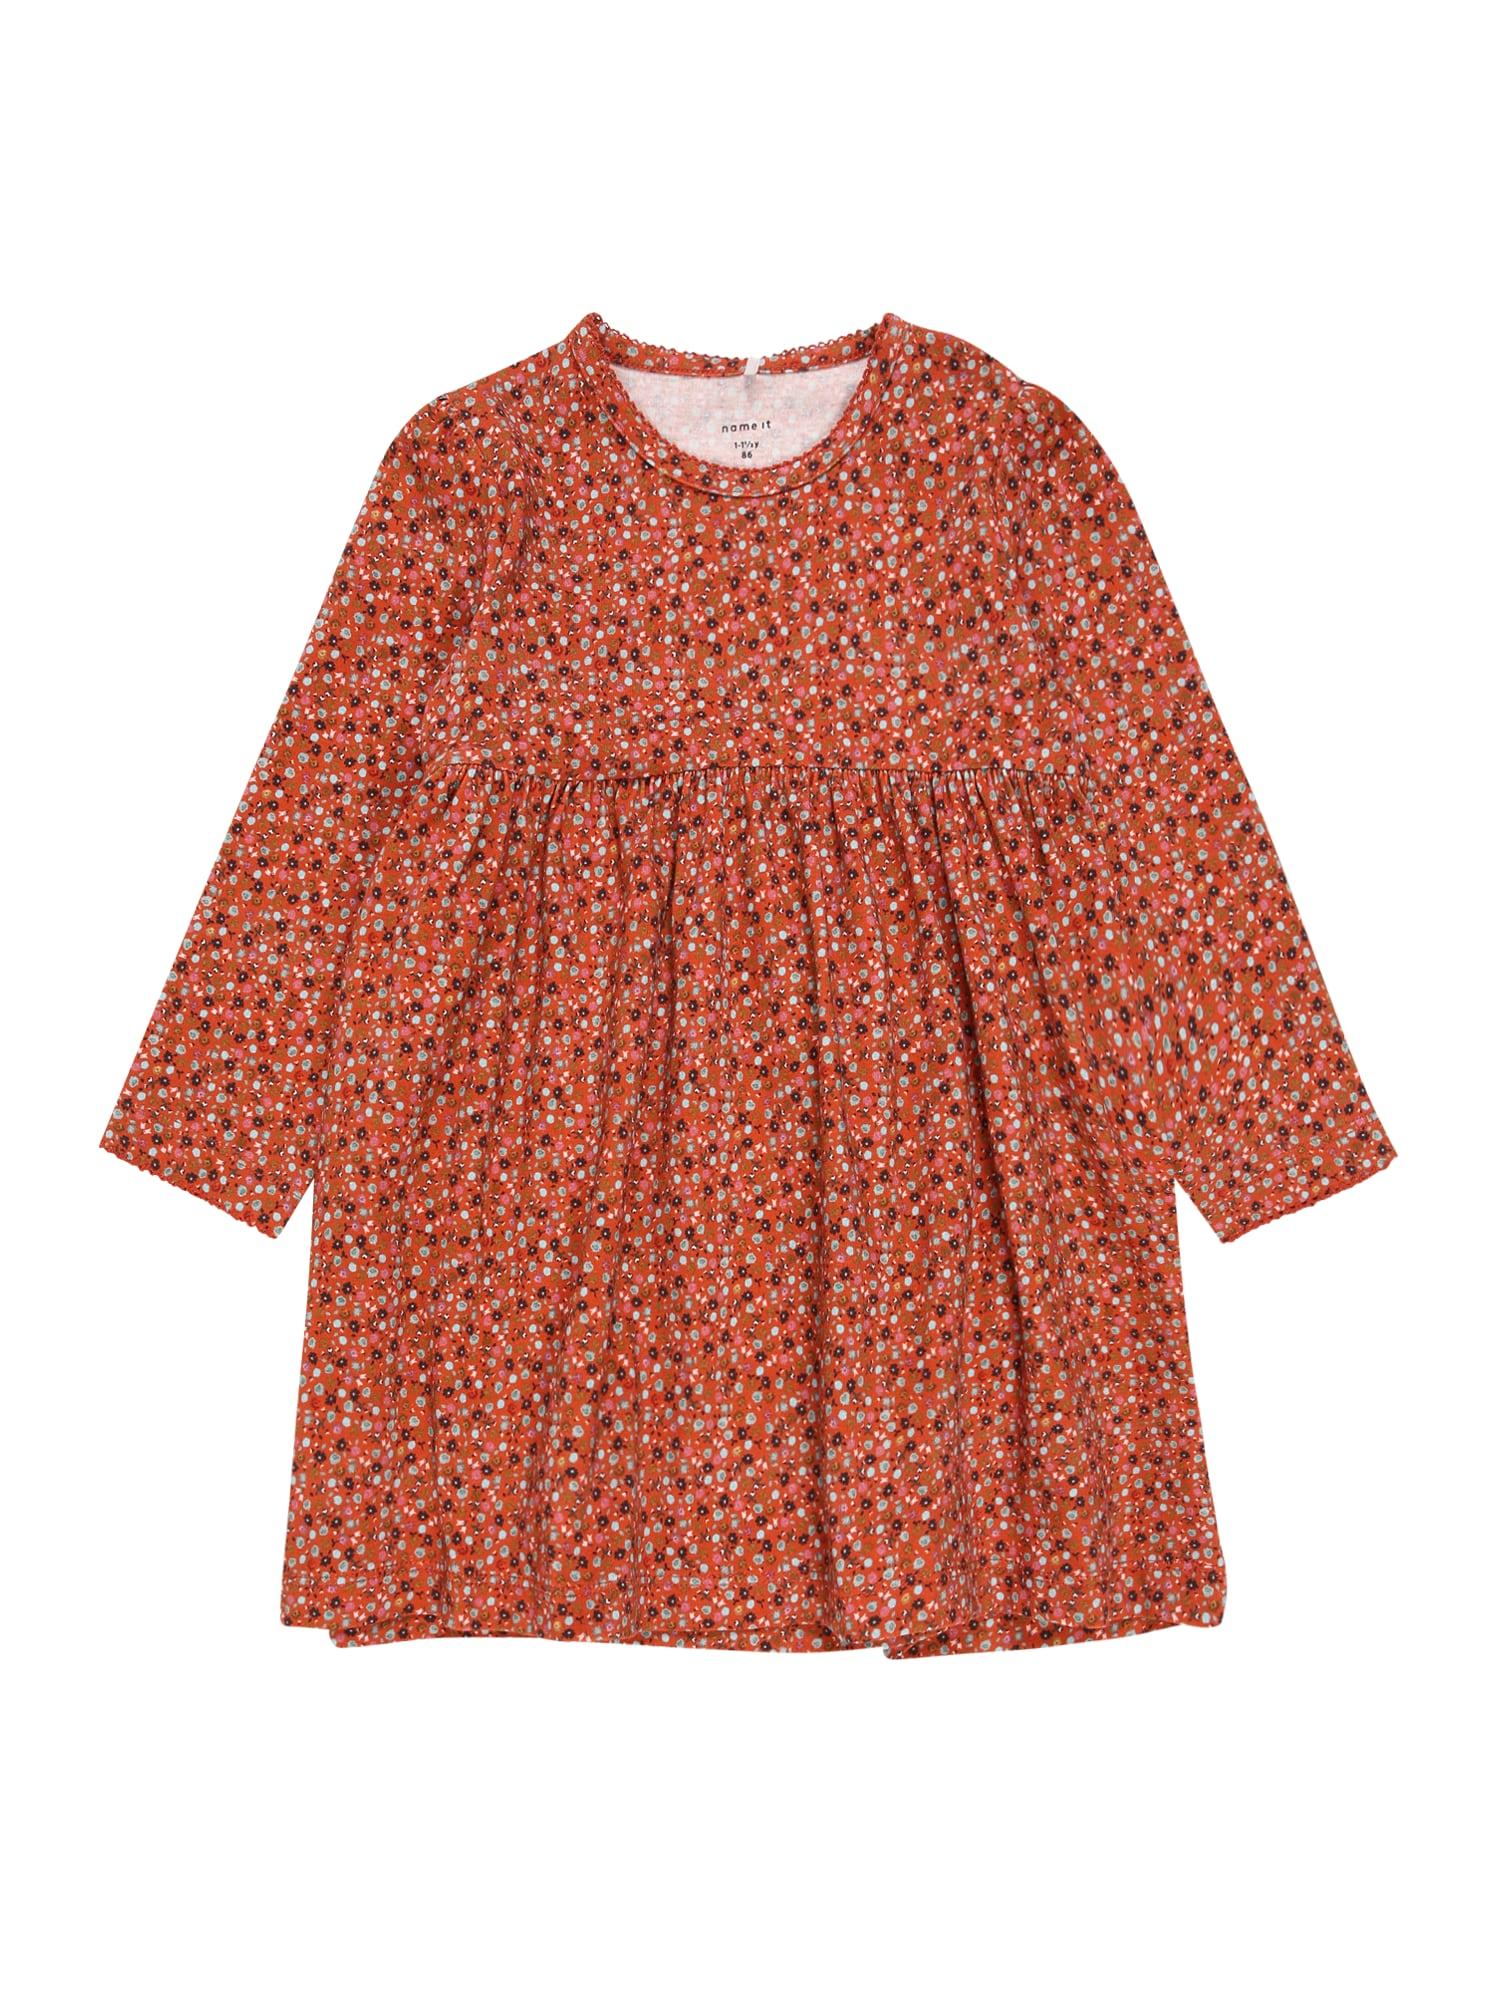 NAME IT Suknelė 'OTILIA' rūdžių raudona / granatų spalva / nefrito spalva / tamsiai mėlyna jūros spalva / balta